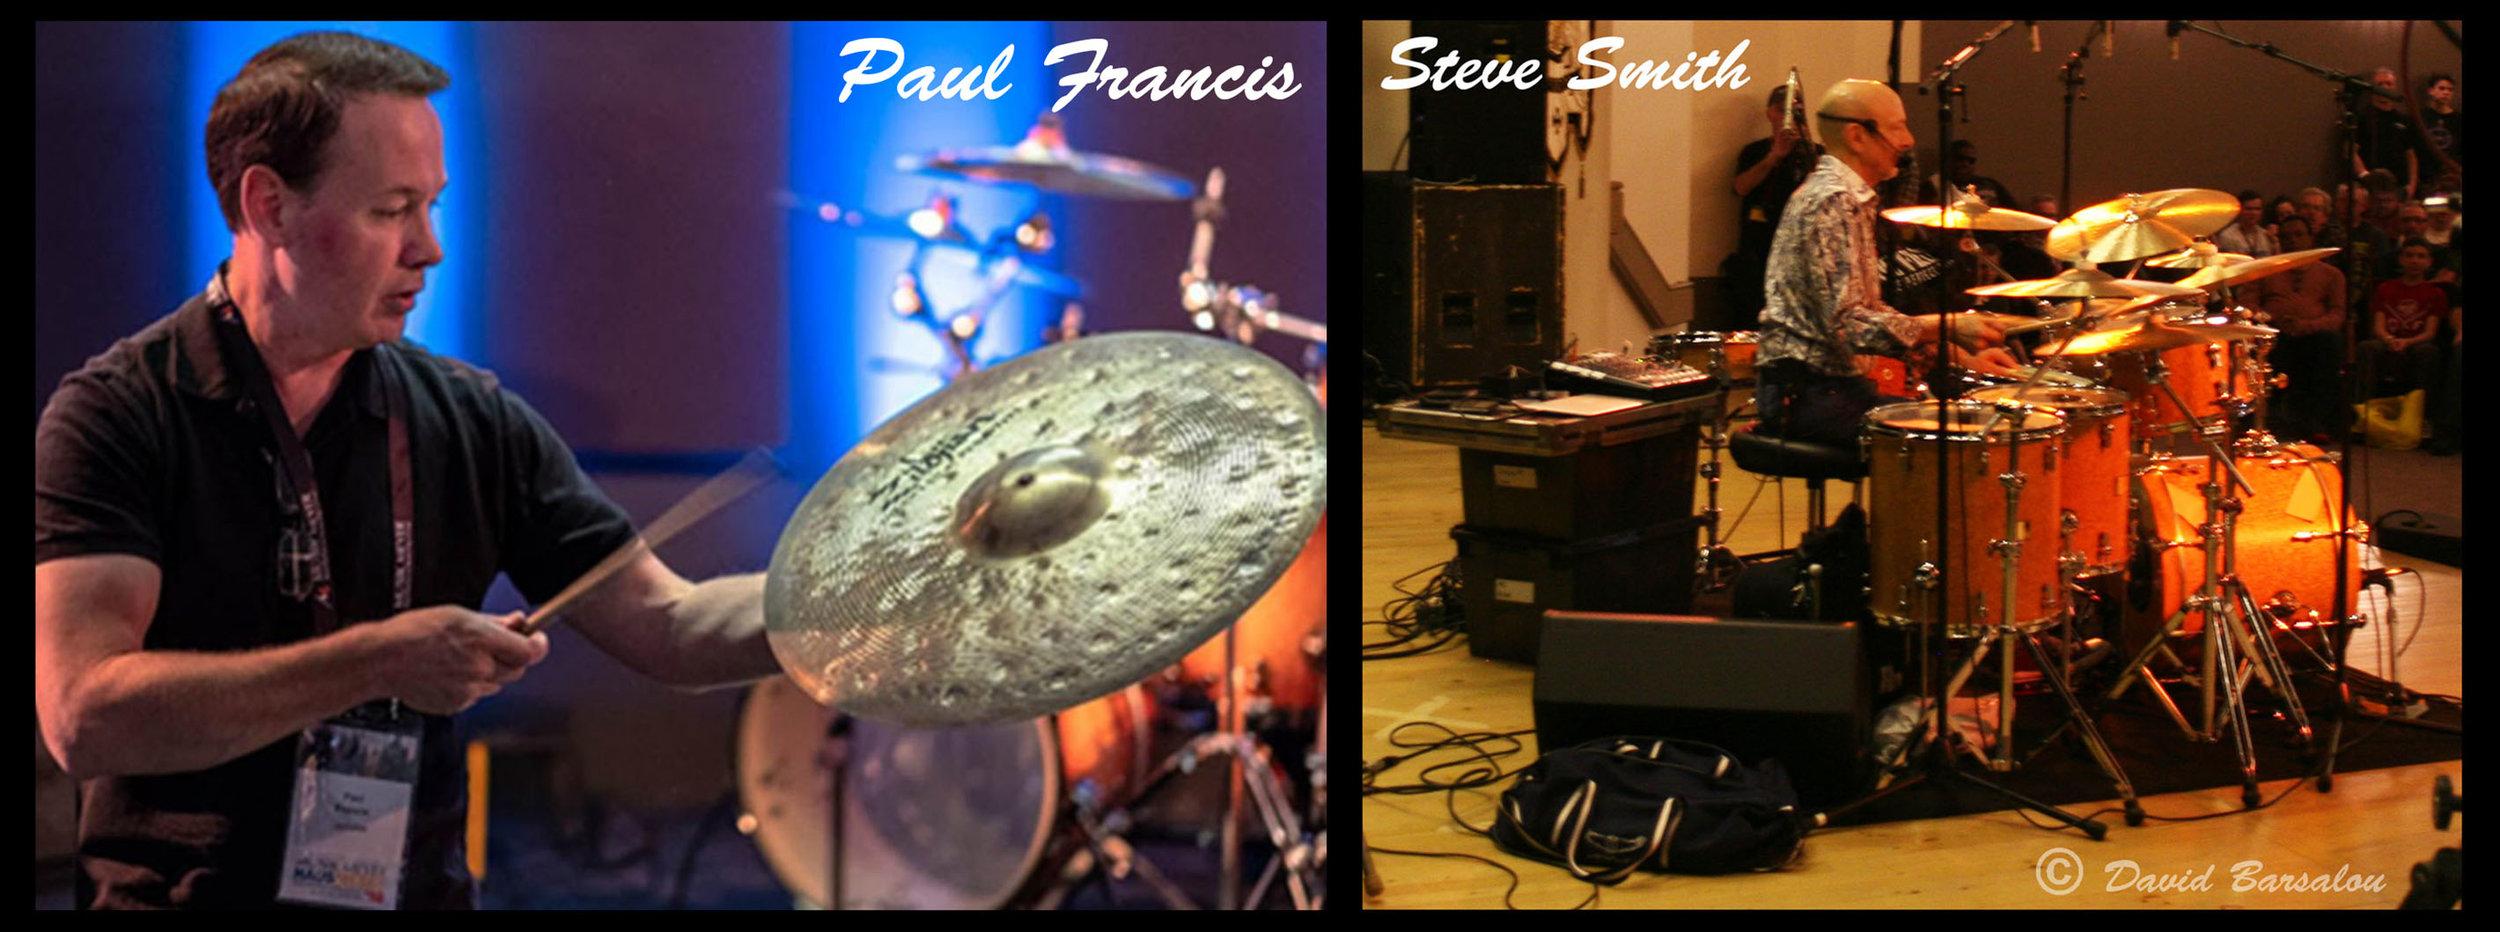 Paul-Francis-Steve-Smith.jpg